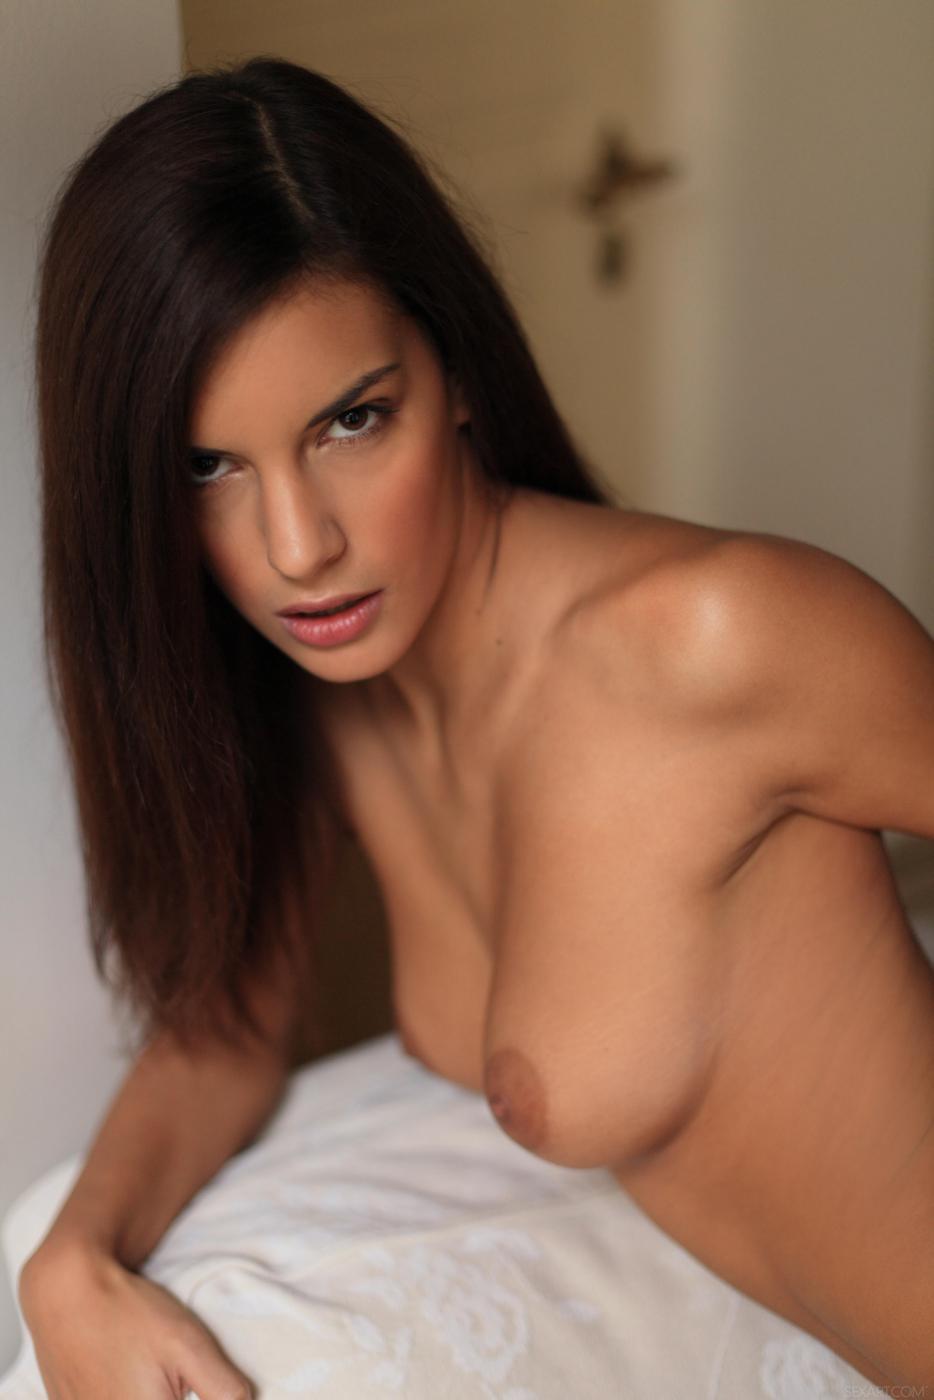 Пока у нее есть пальчики, симпатичная брюнеточка Candice Luca не заскучает